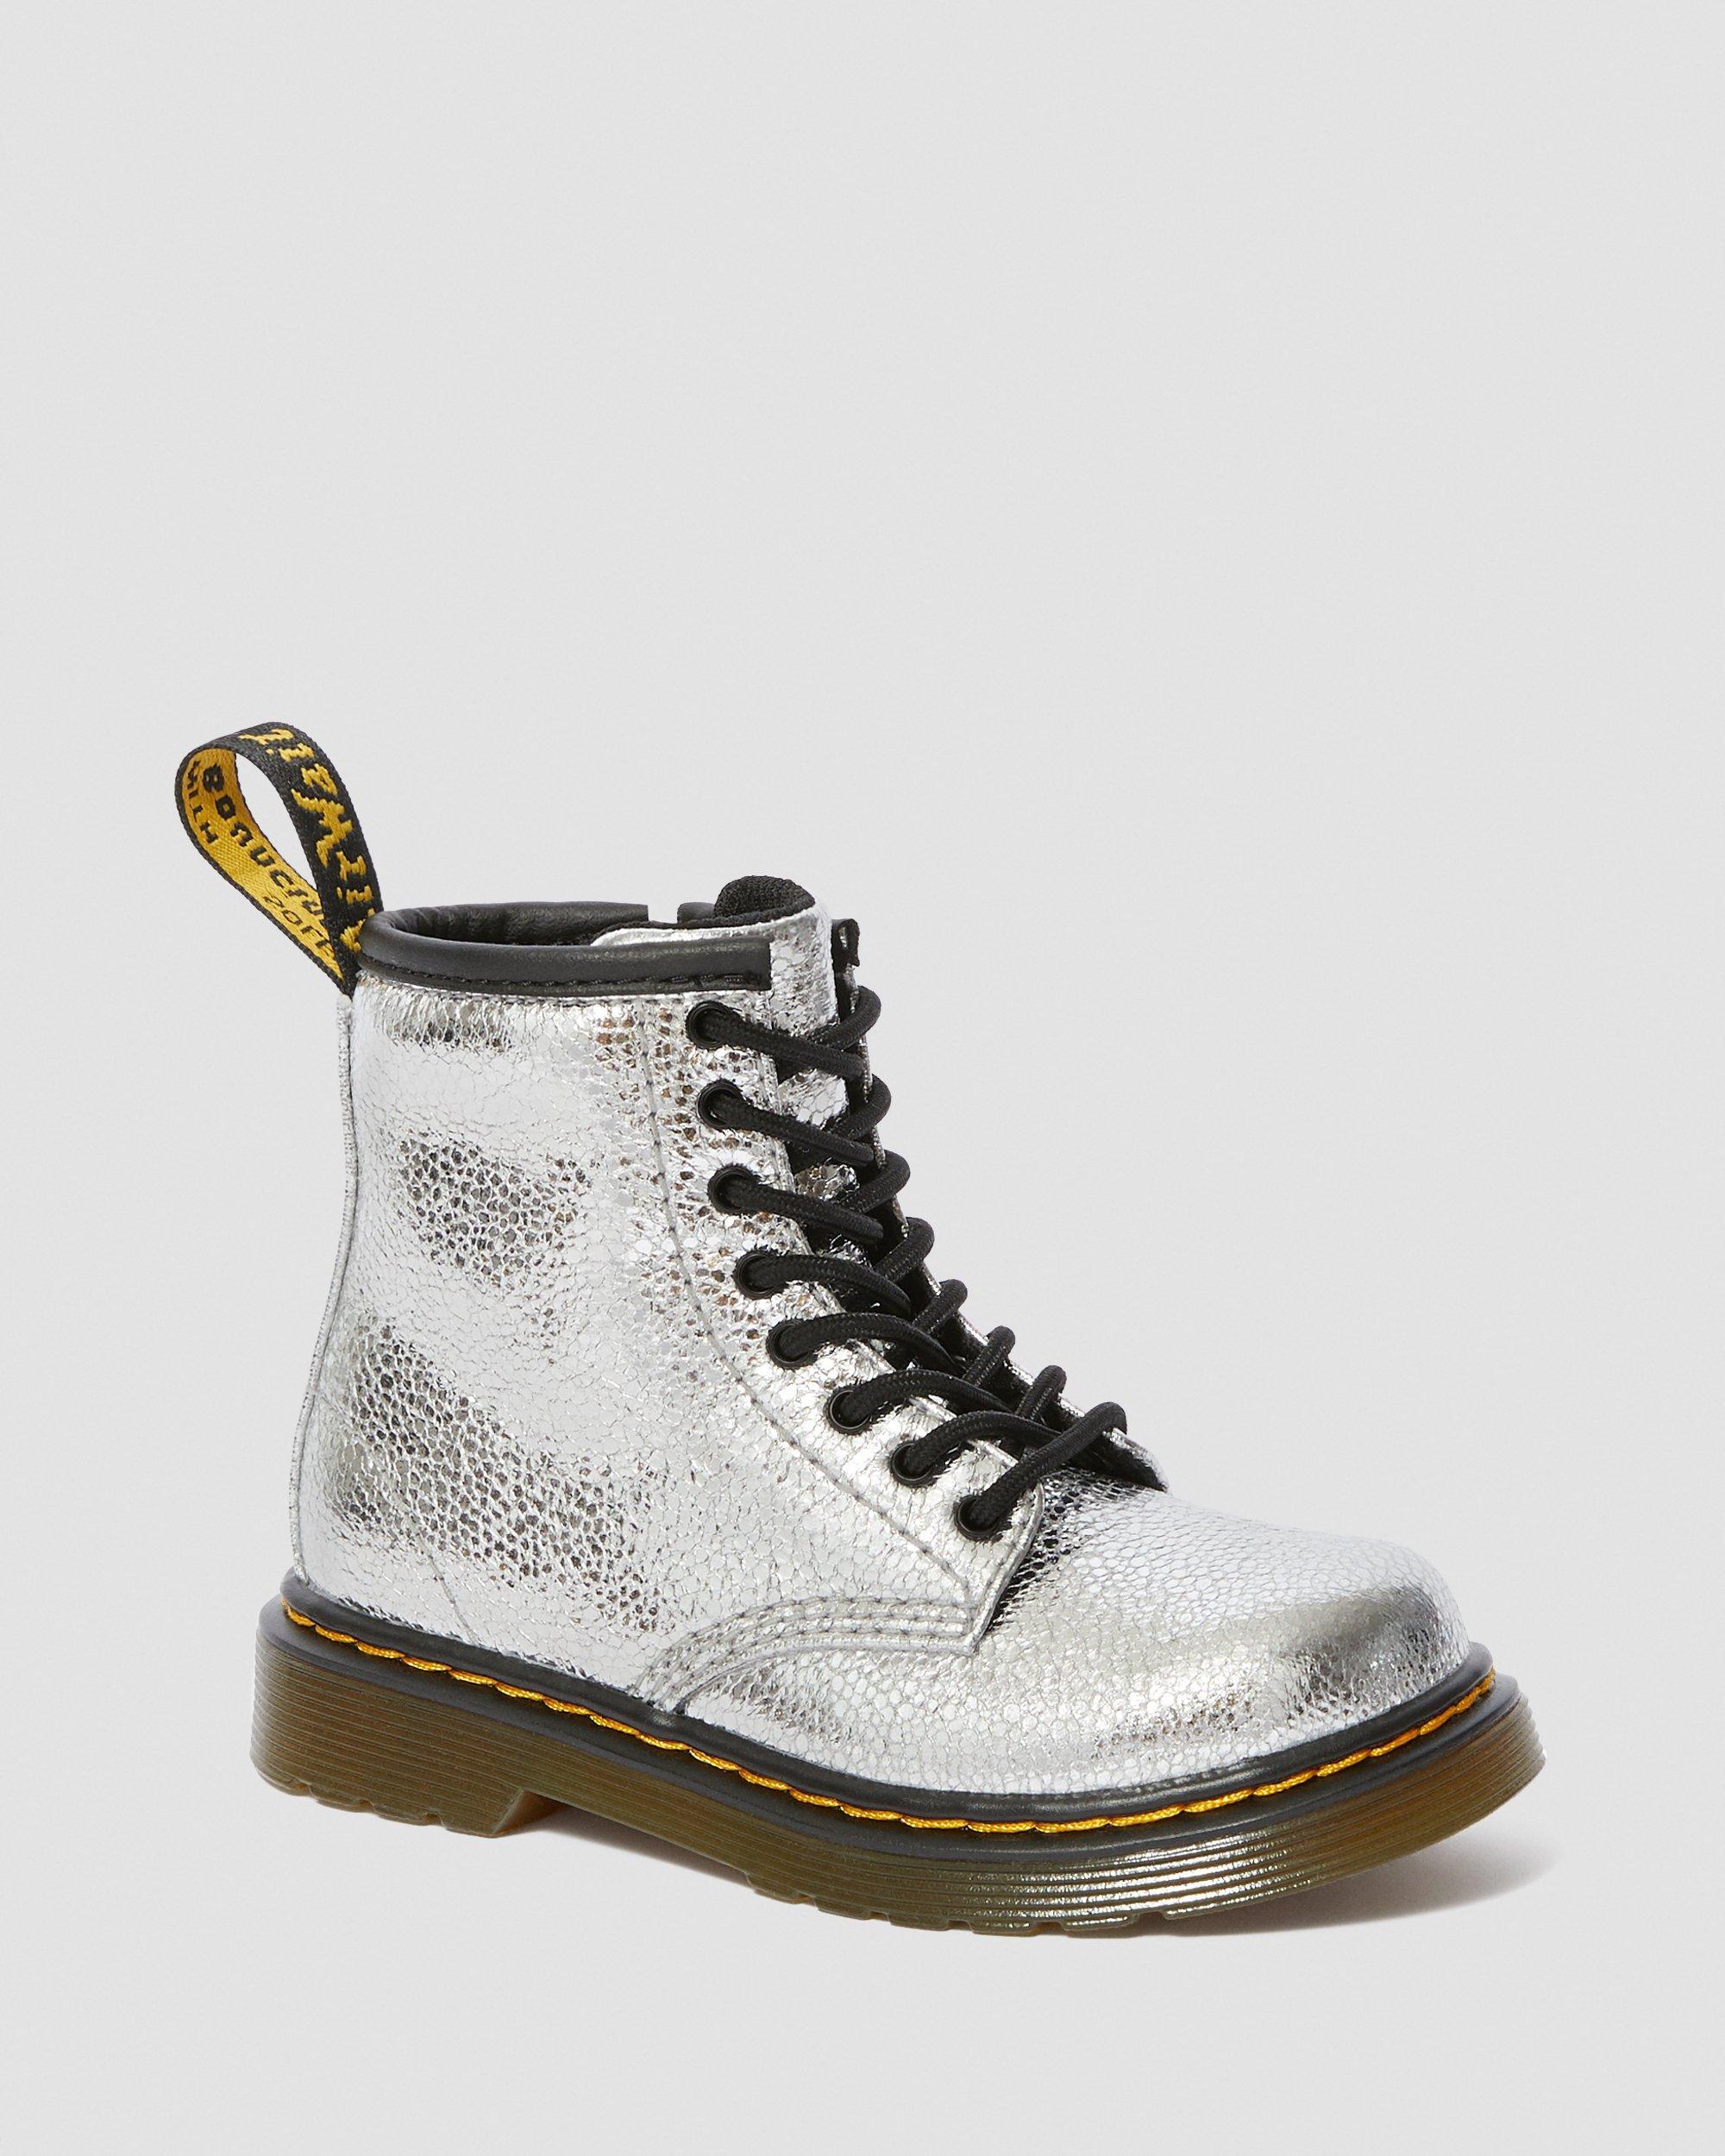 Dr. Martens Schuhe mit Reißverschluss für Jungen günstig